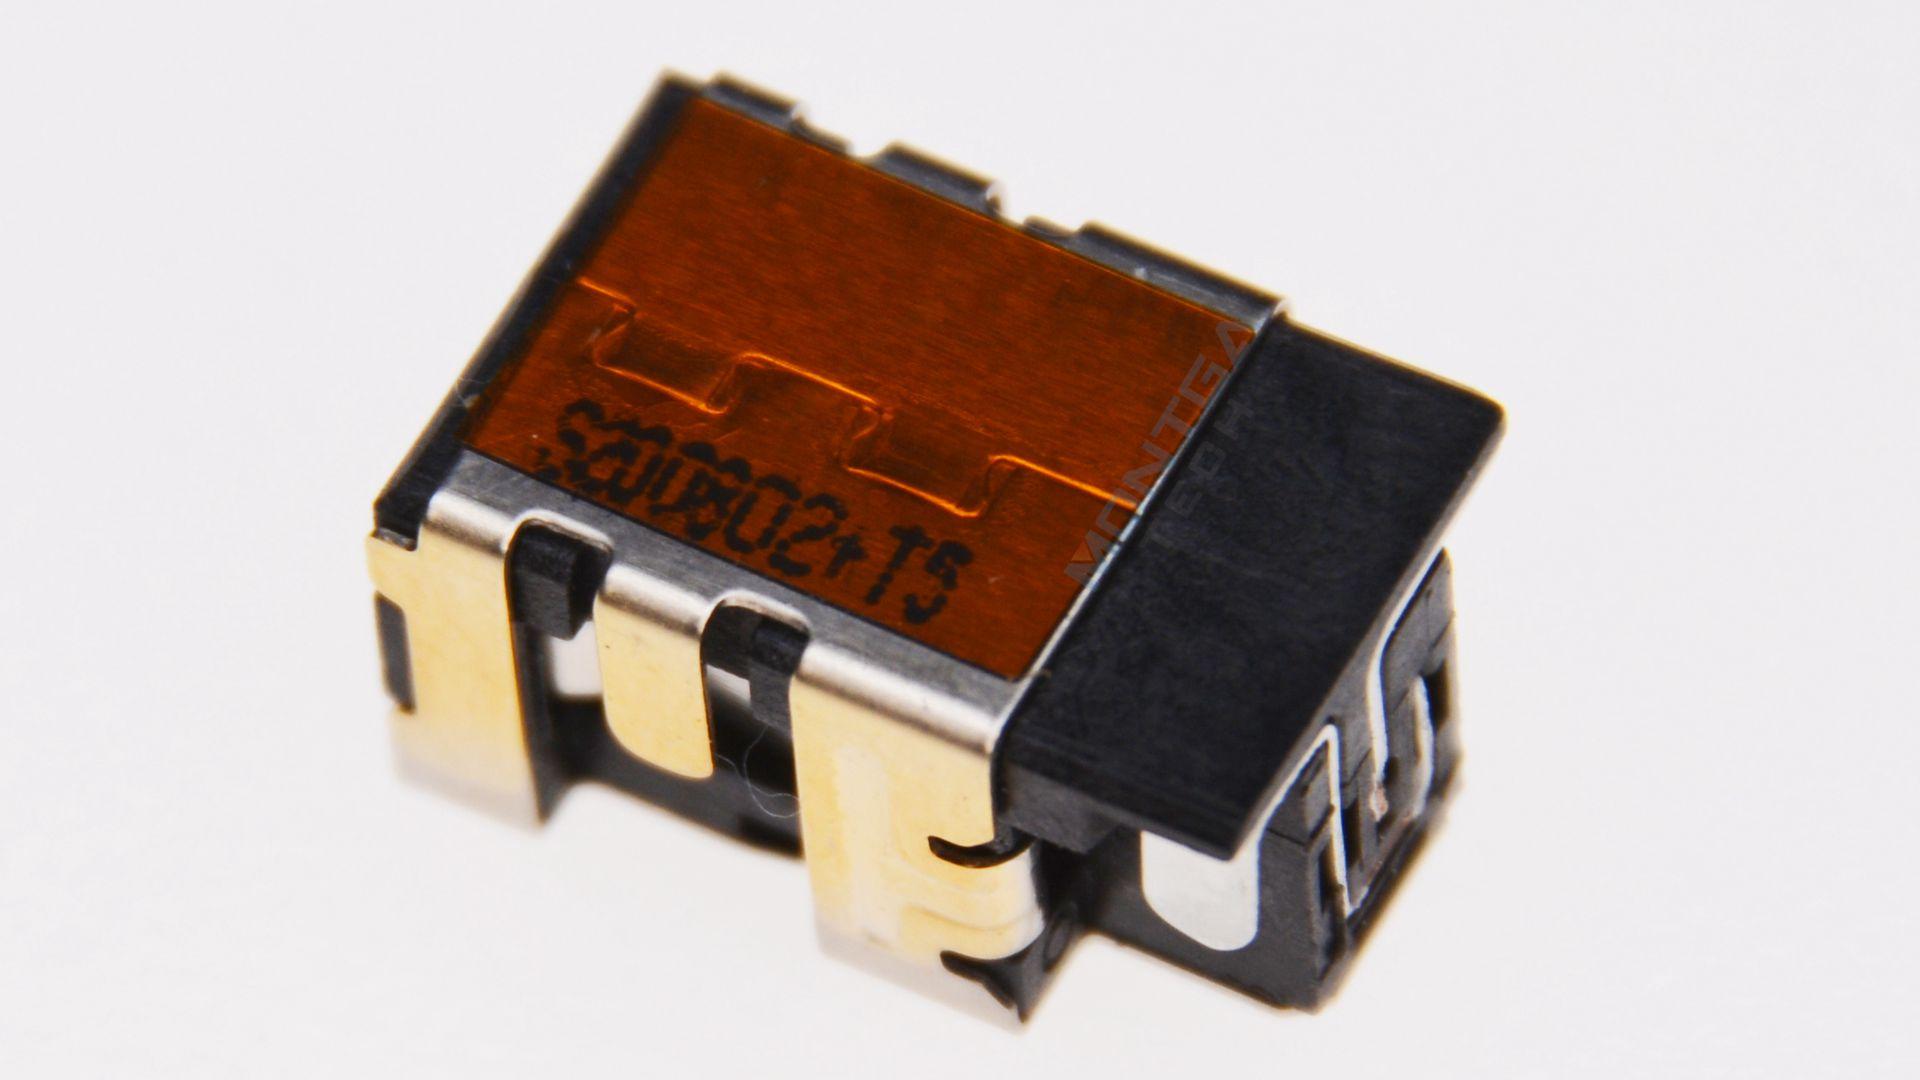 repair charging connector HP 725 G3, repair DC Power Jack HP 725 G3, repair Jack socket HP 725 G3, repair plug HP 725 G3, repair DC Alimantation HP 725 G3, replace charging connector HP 725 G3, replace DC Power Jack HP 725 G3, replace Jack socket HP 725 G3, replace plug HP 725 G3, replace DC Alimantation HP 725 G3,